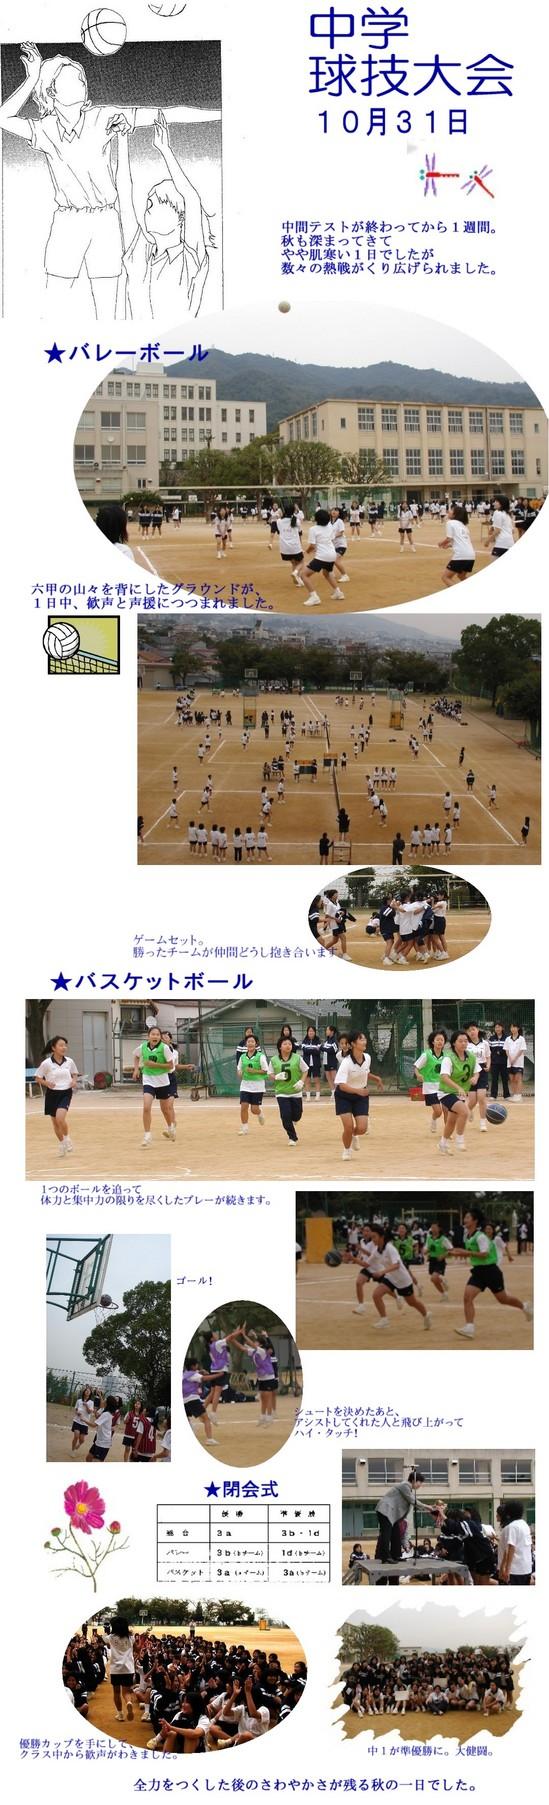 08中学球技大会☆☆.JPG